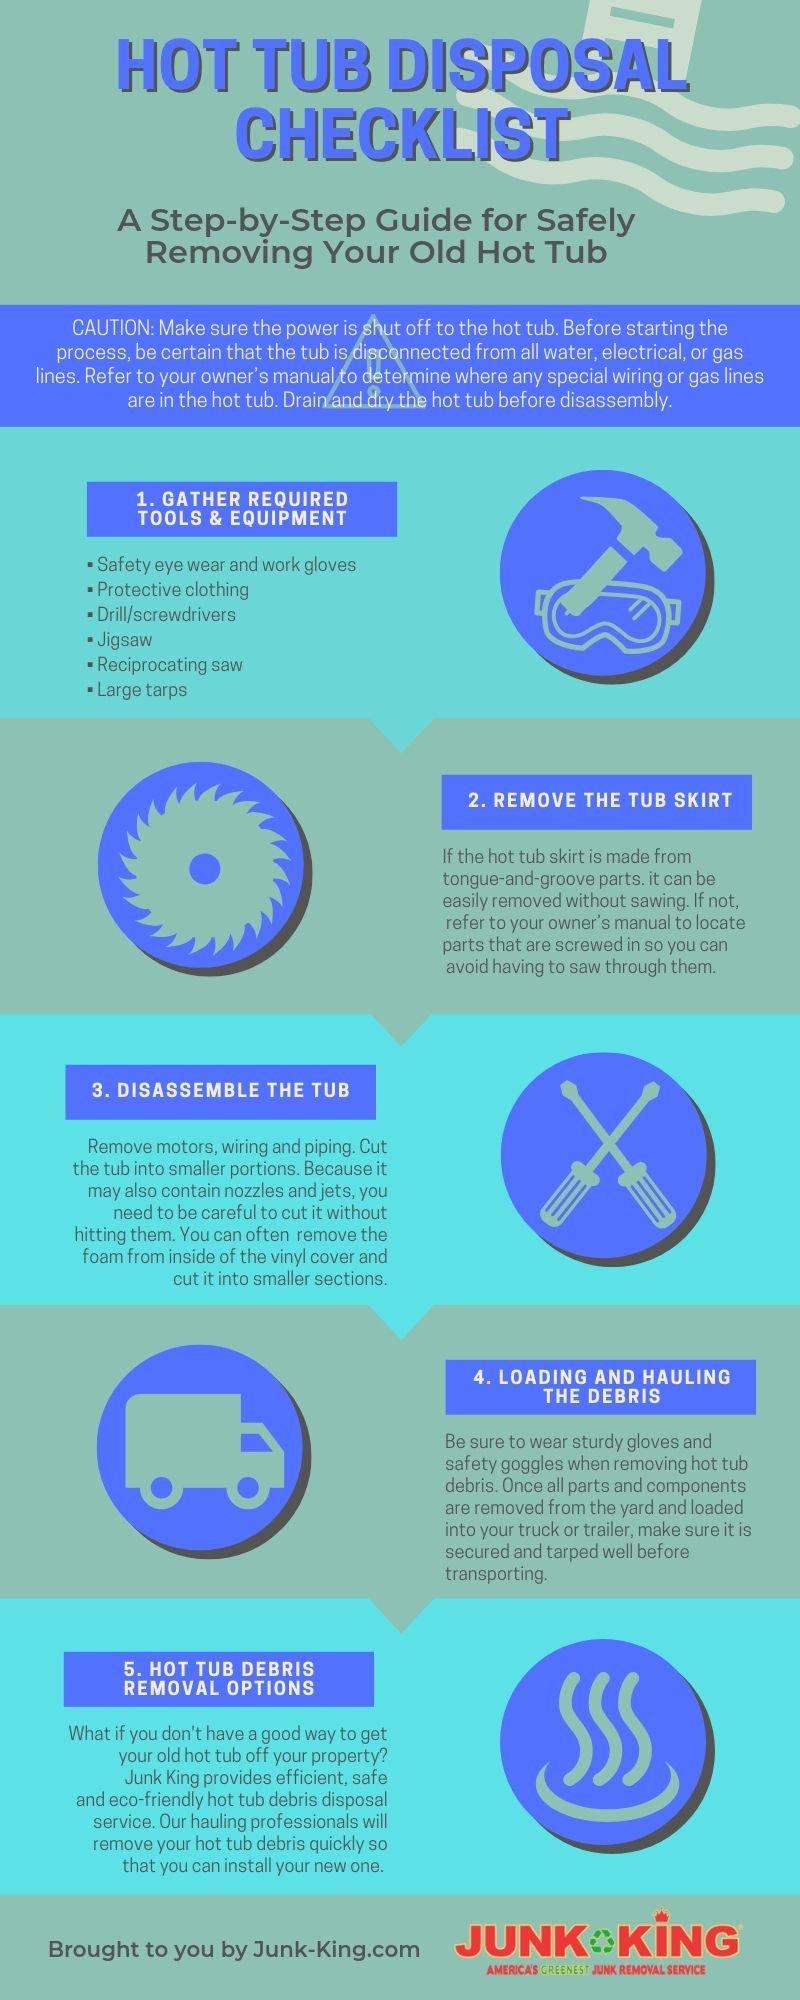 Hot Tub Disposal Checklist